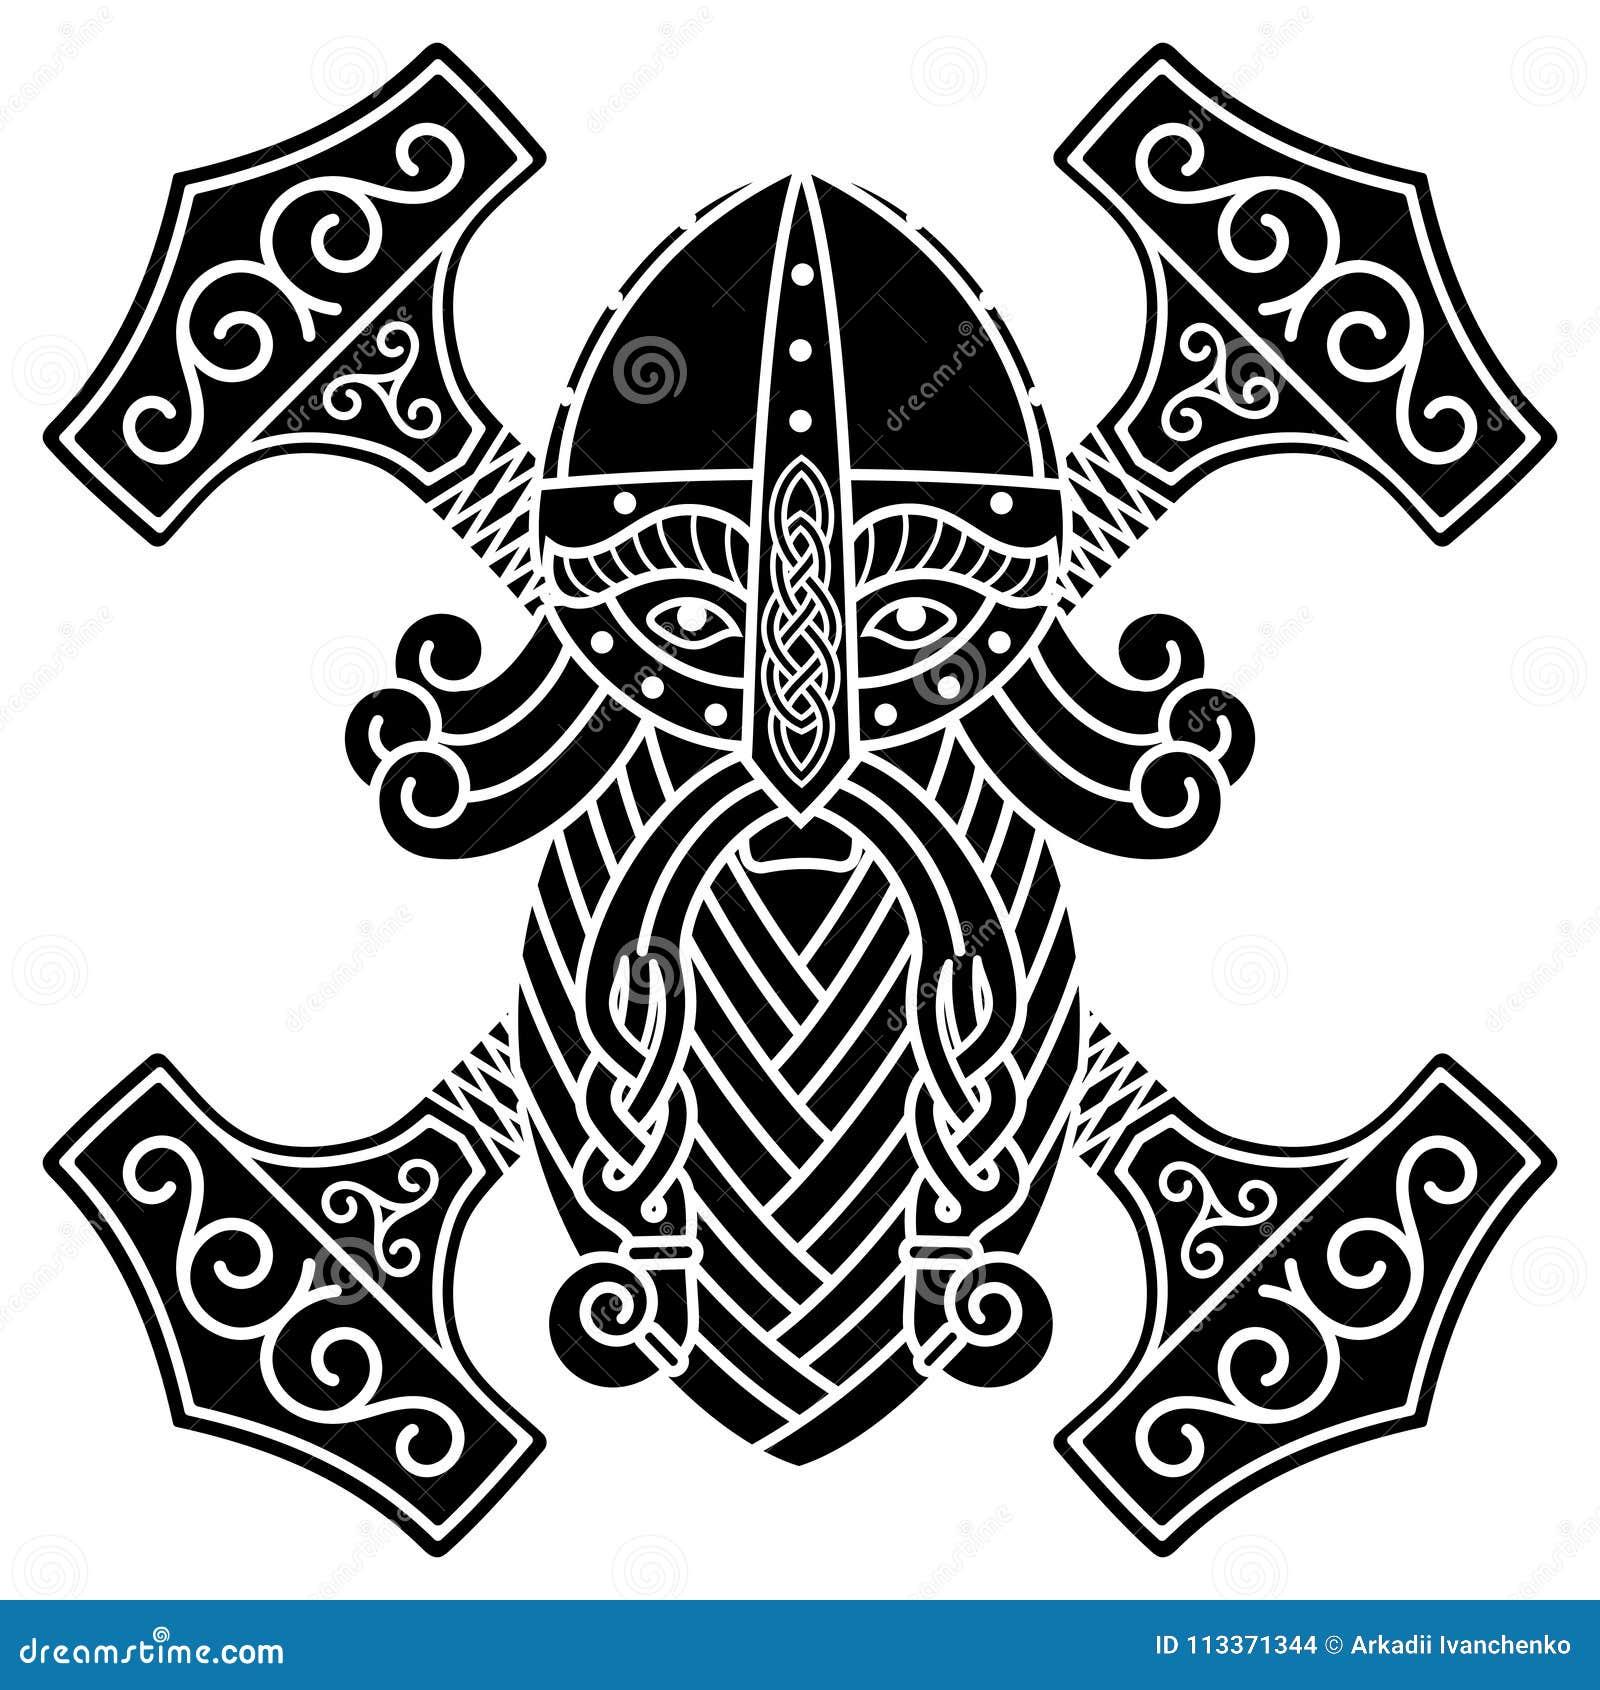 El Thor escandinavo antiguo y el martillo Mjolnir de dios